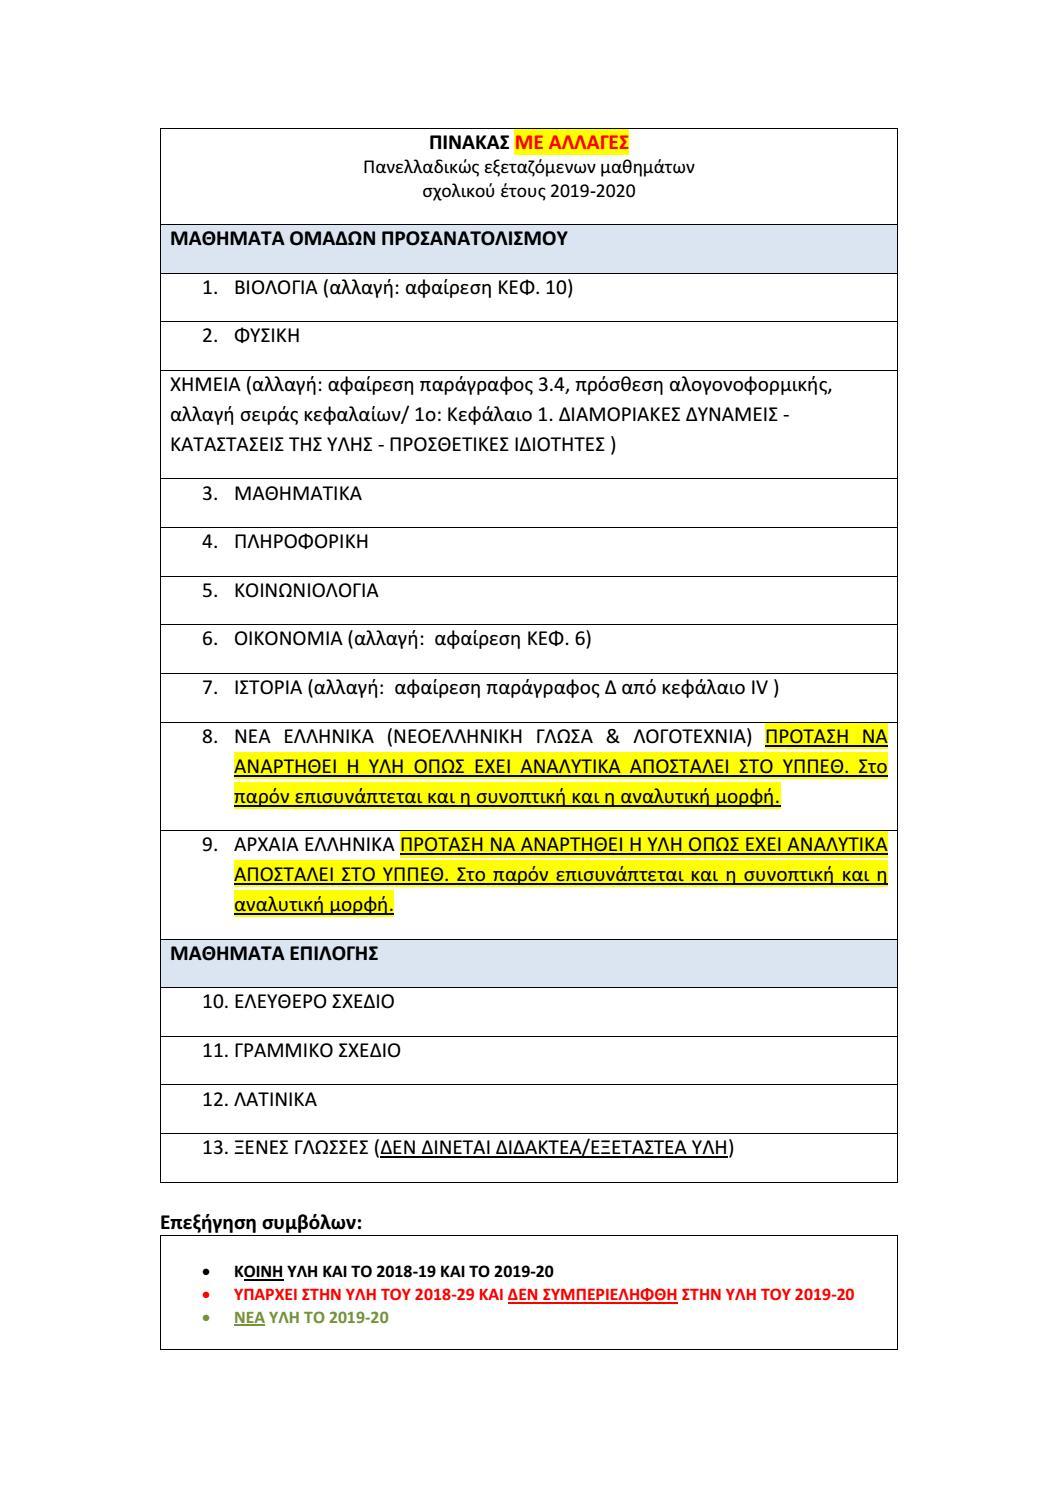 Εκτελεστική απόφαση (EE) 2019/1300 της Επιτροπής, της 26ης Ιουλίου.